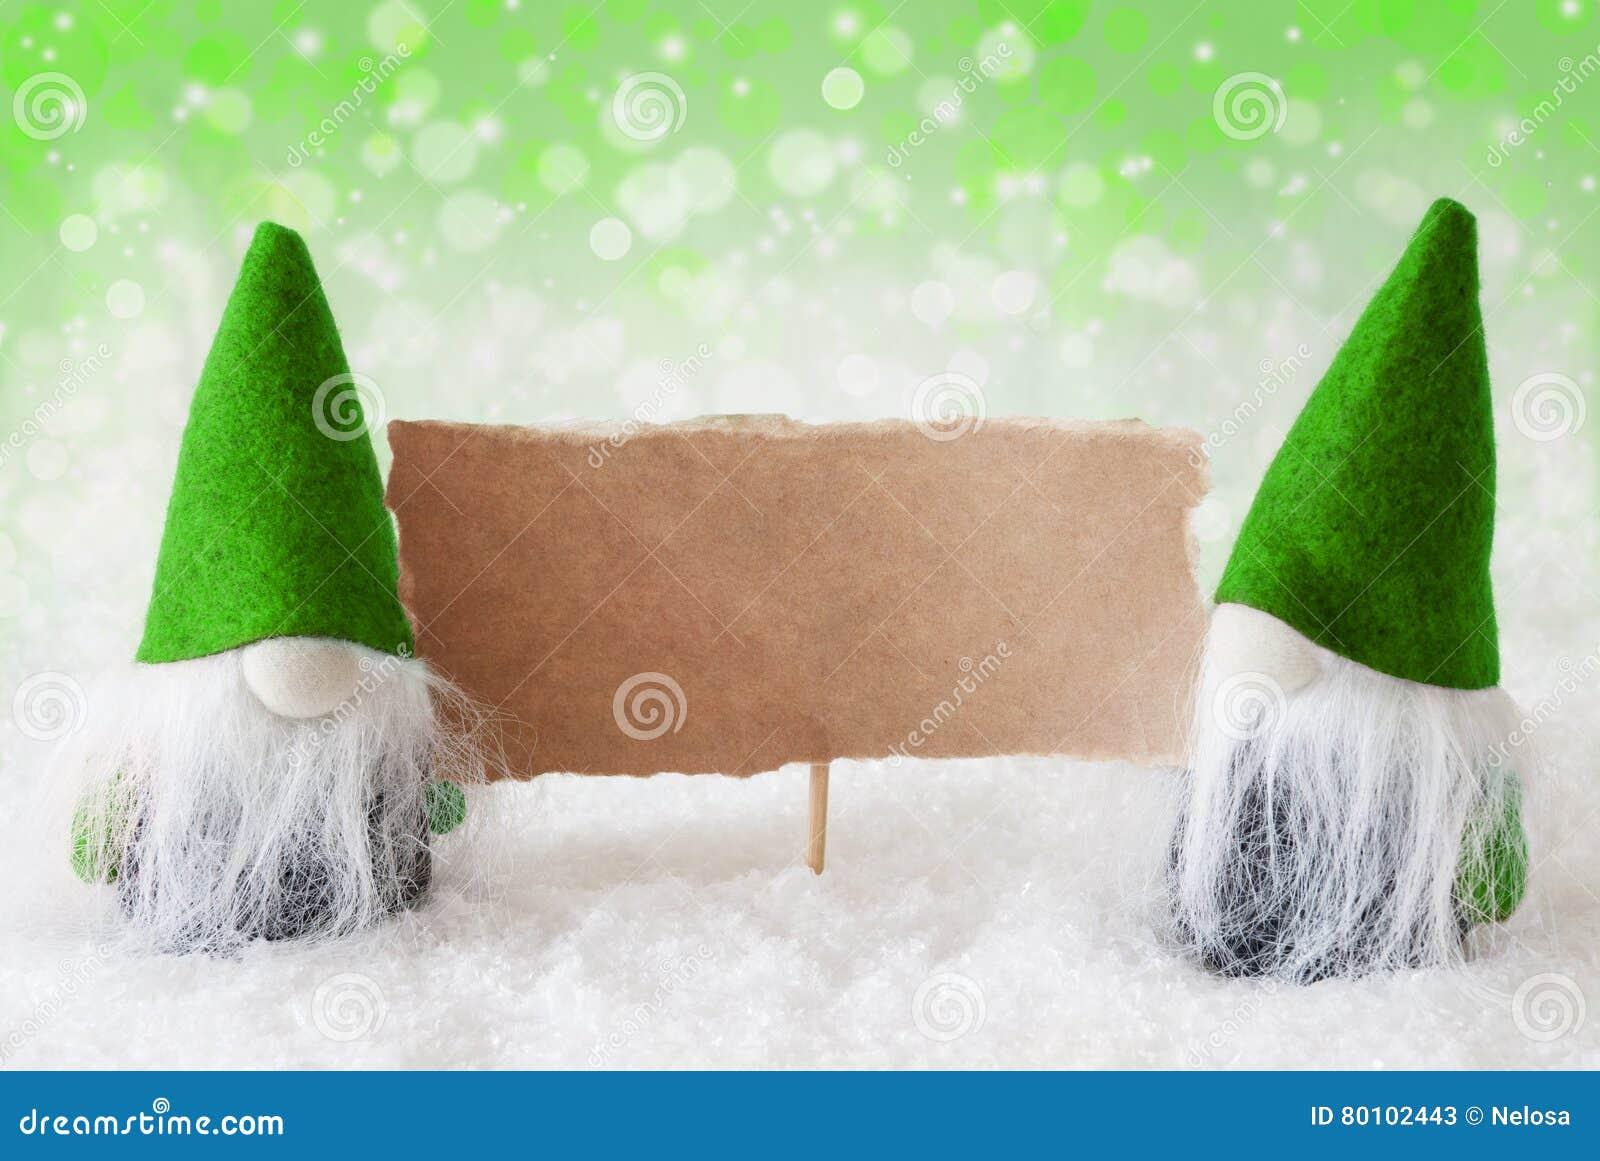 Gnomos naturais verdes com cartão, espaço da cópia